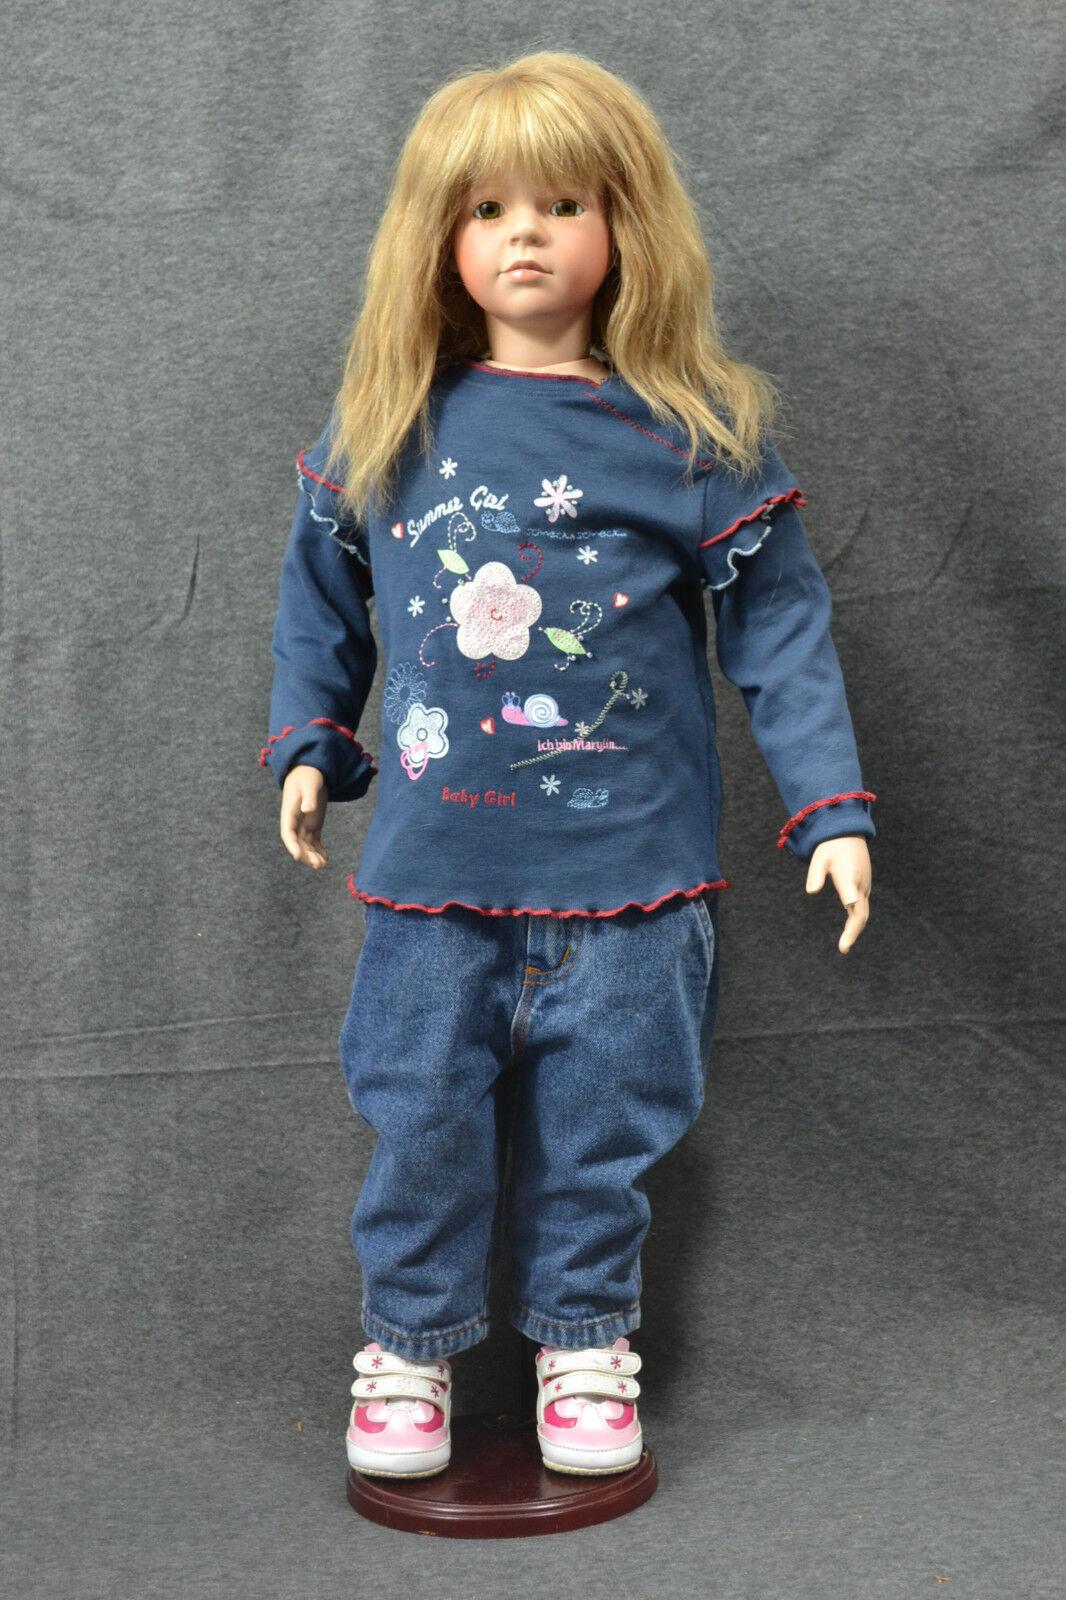 BAMBOLA, vs Collection, ragazza in jeans, con supporto, 78 CM, 1991, BAMBOLA DA COLLEZIONE